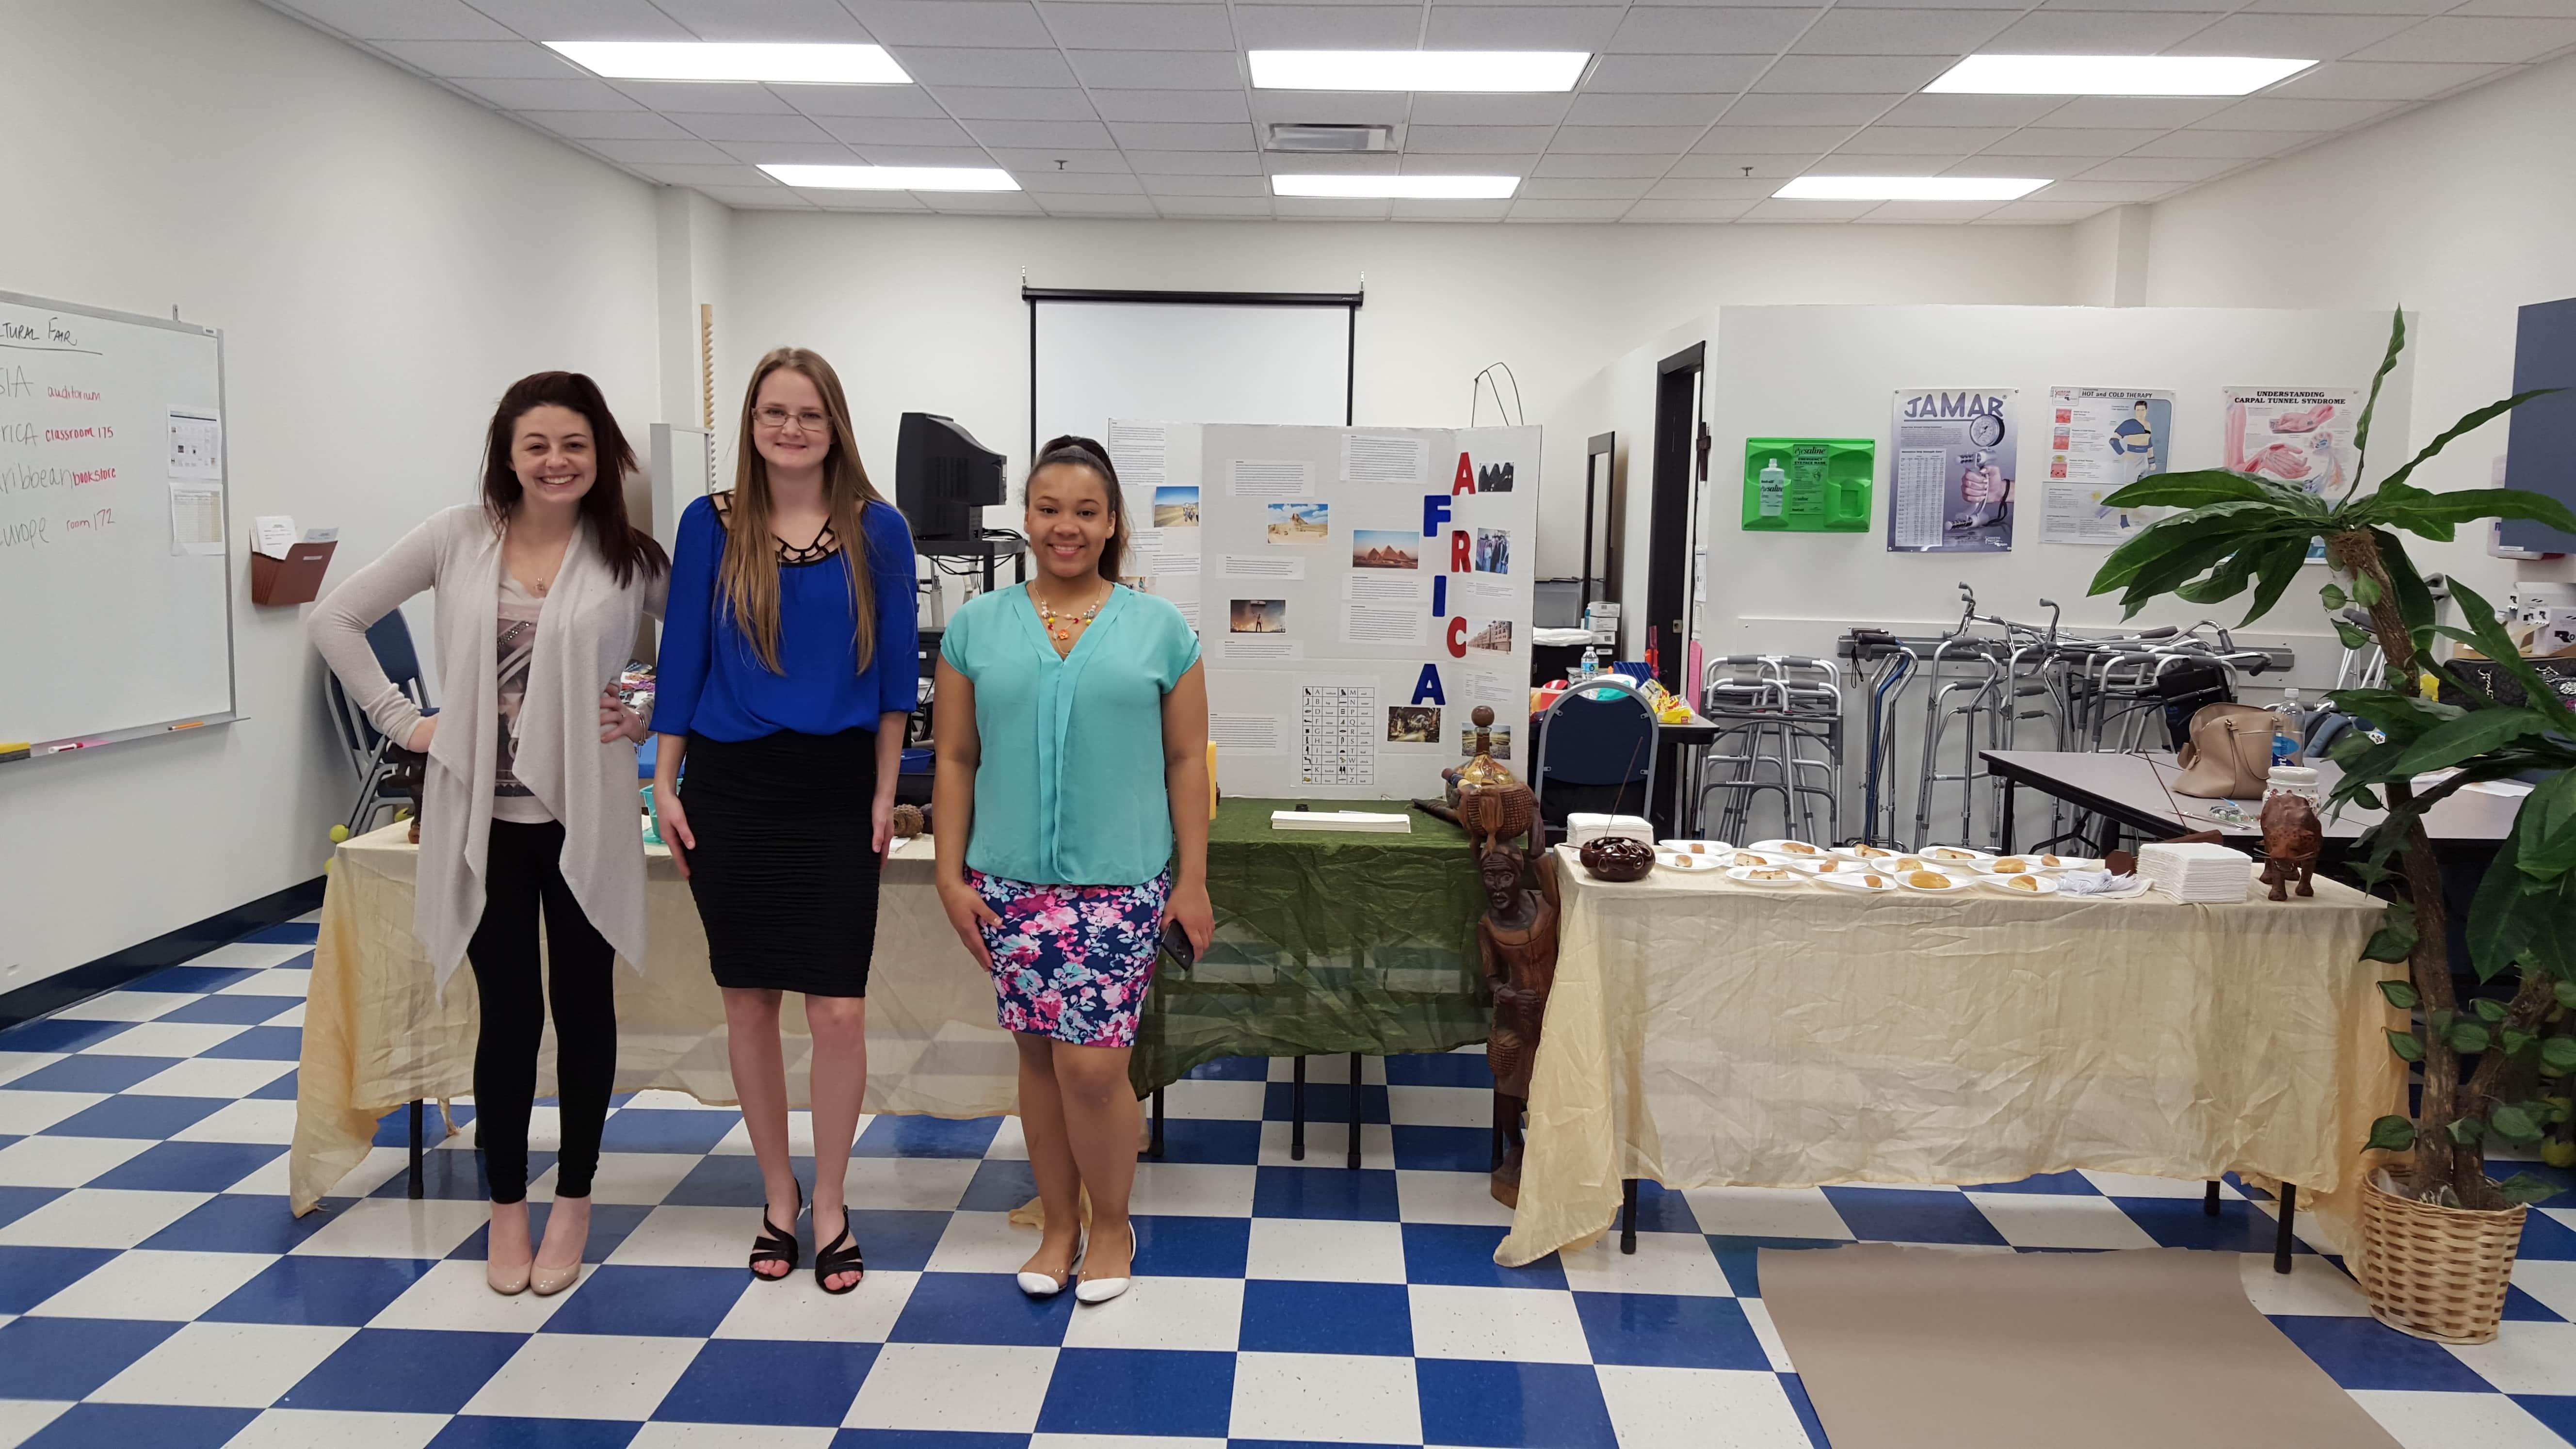 Daytona OTA Students Hold a Cultural Fair